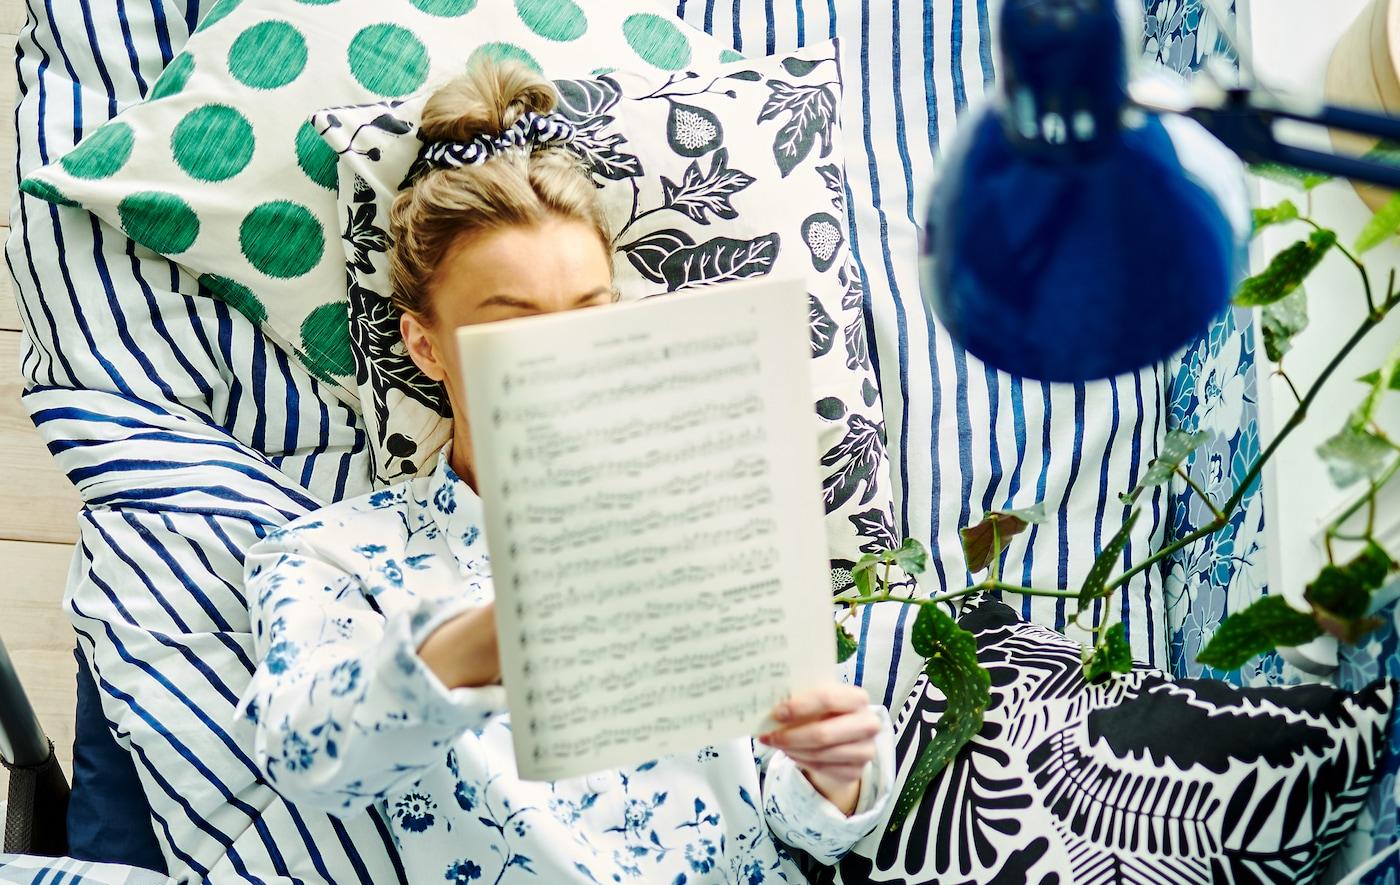 Une femme lit ses partitions bien assise dans un lit, entourée de coussins et de literie, et l'on voit du papier peint à motifs variés sur unmur.